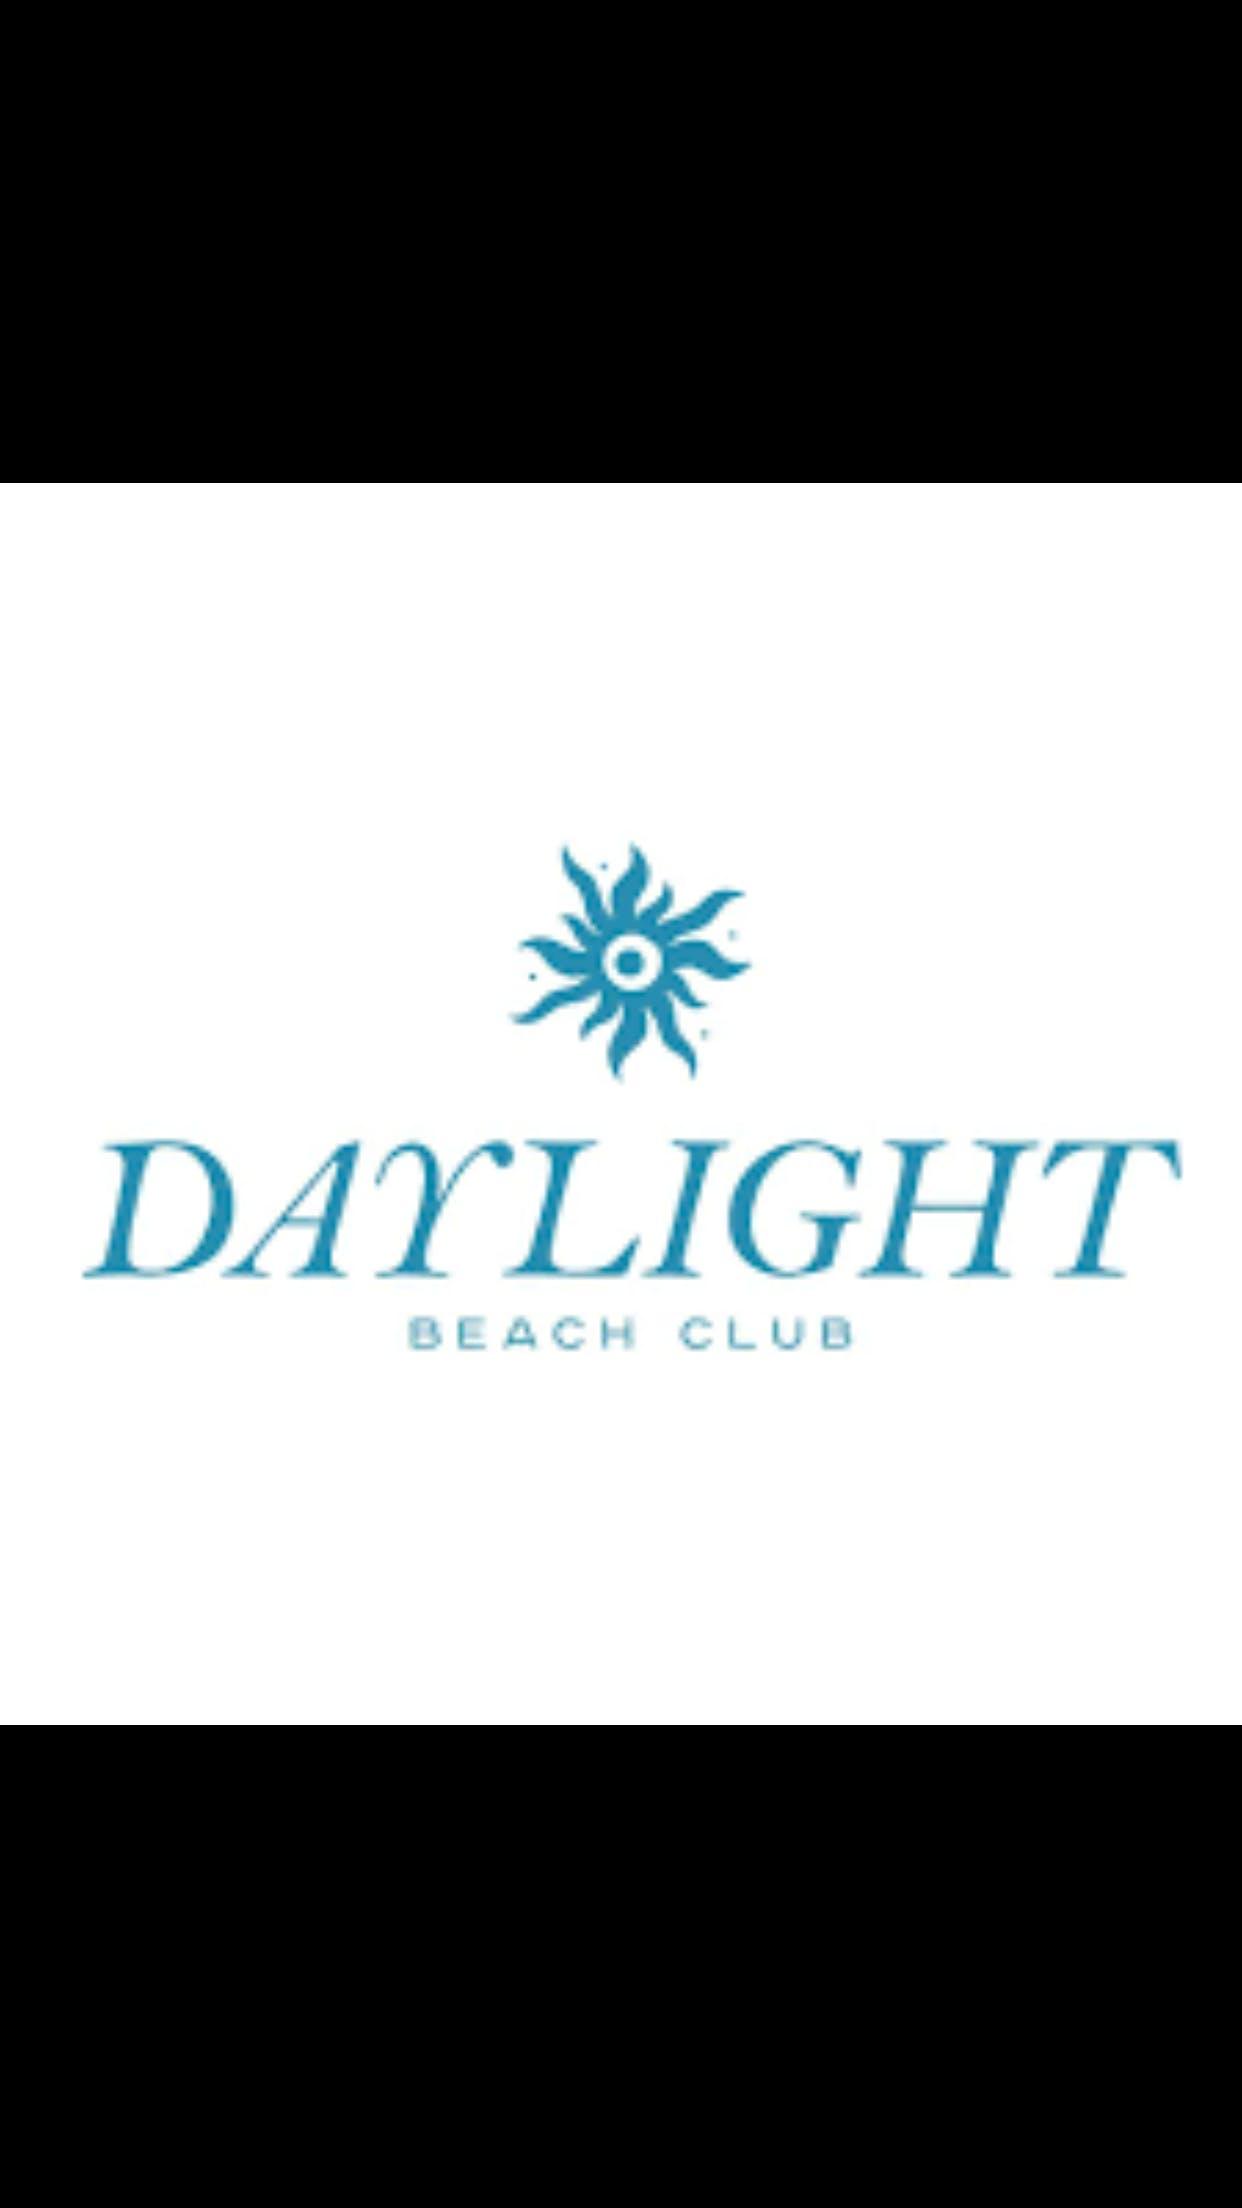 DAYLIGHT BEACH CLUB FREE GUEST LIST: DJ Kid C